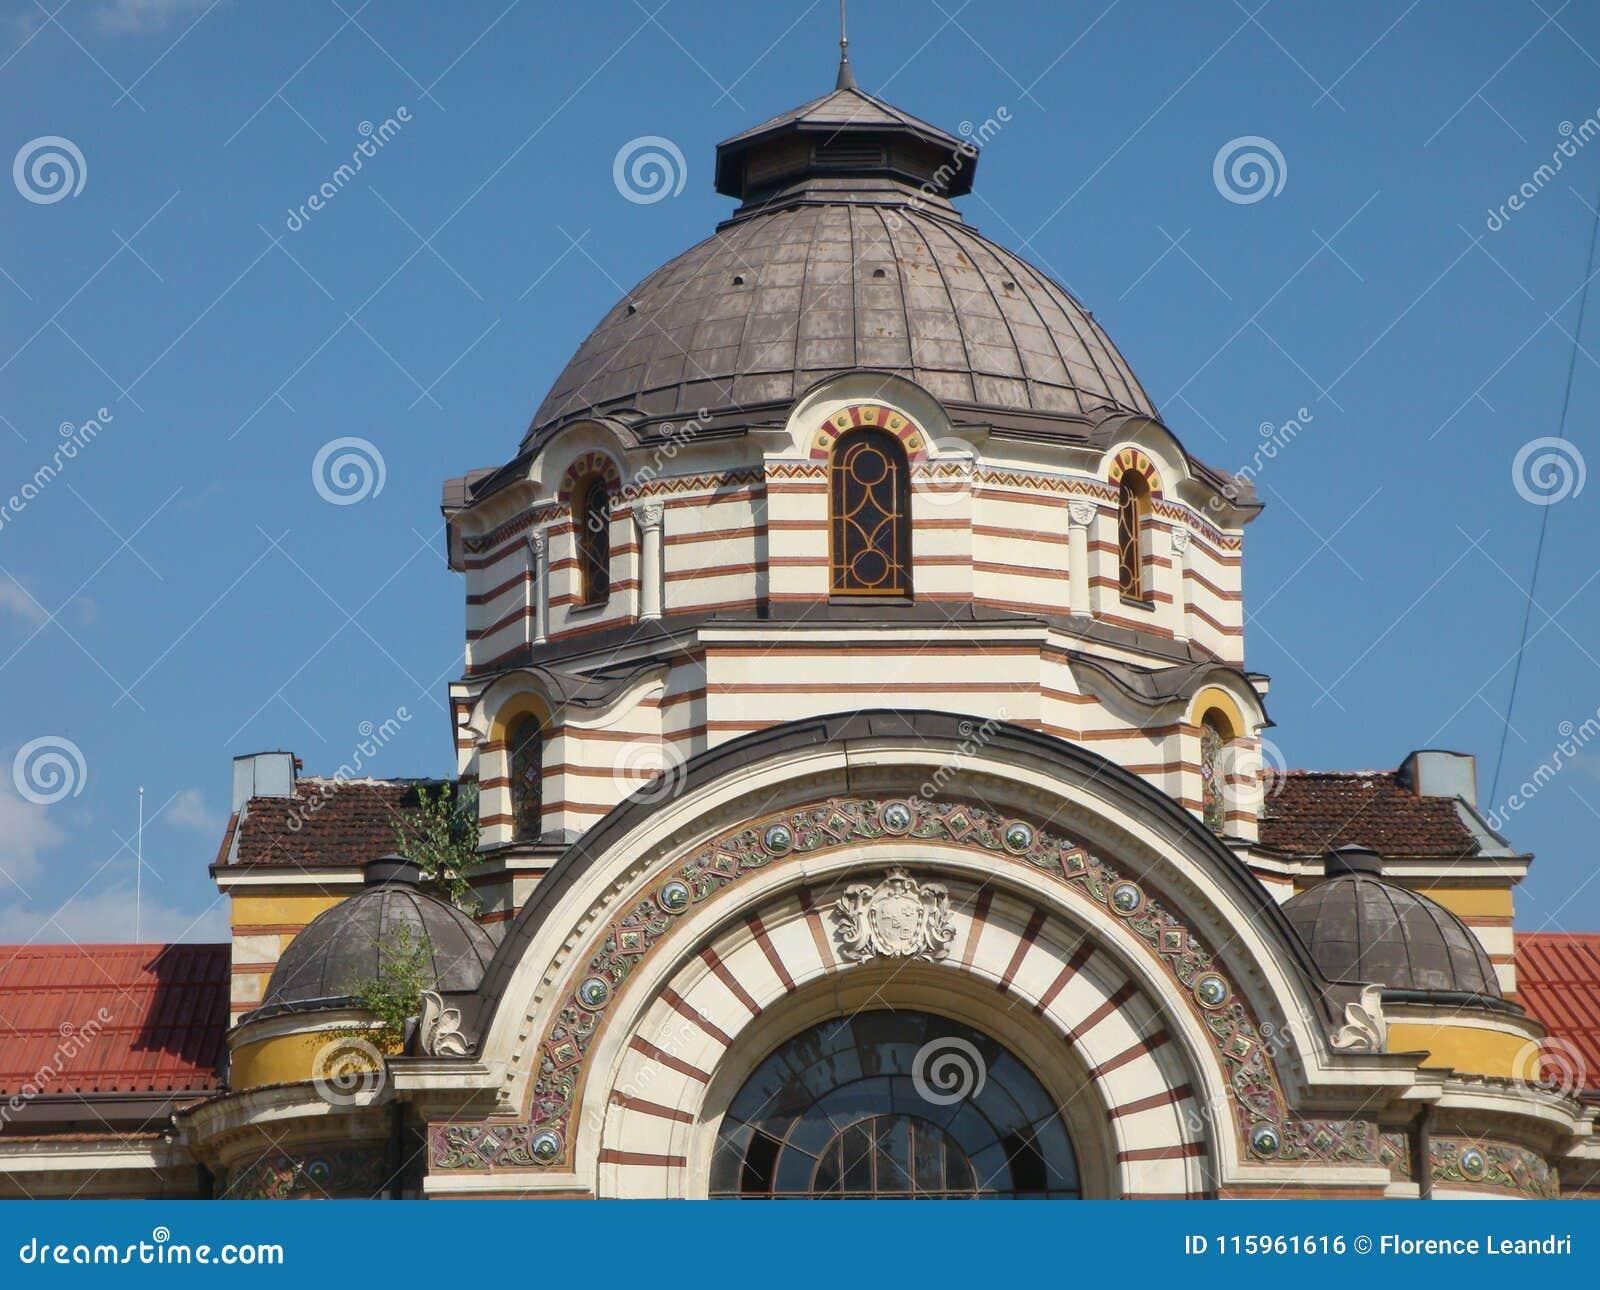 Detail van als de koepels van het dak van de minerale baden van Sofia in Bulgarije